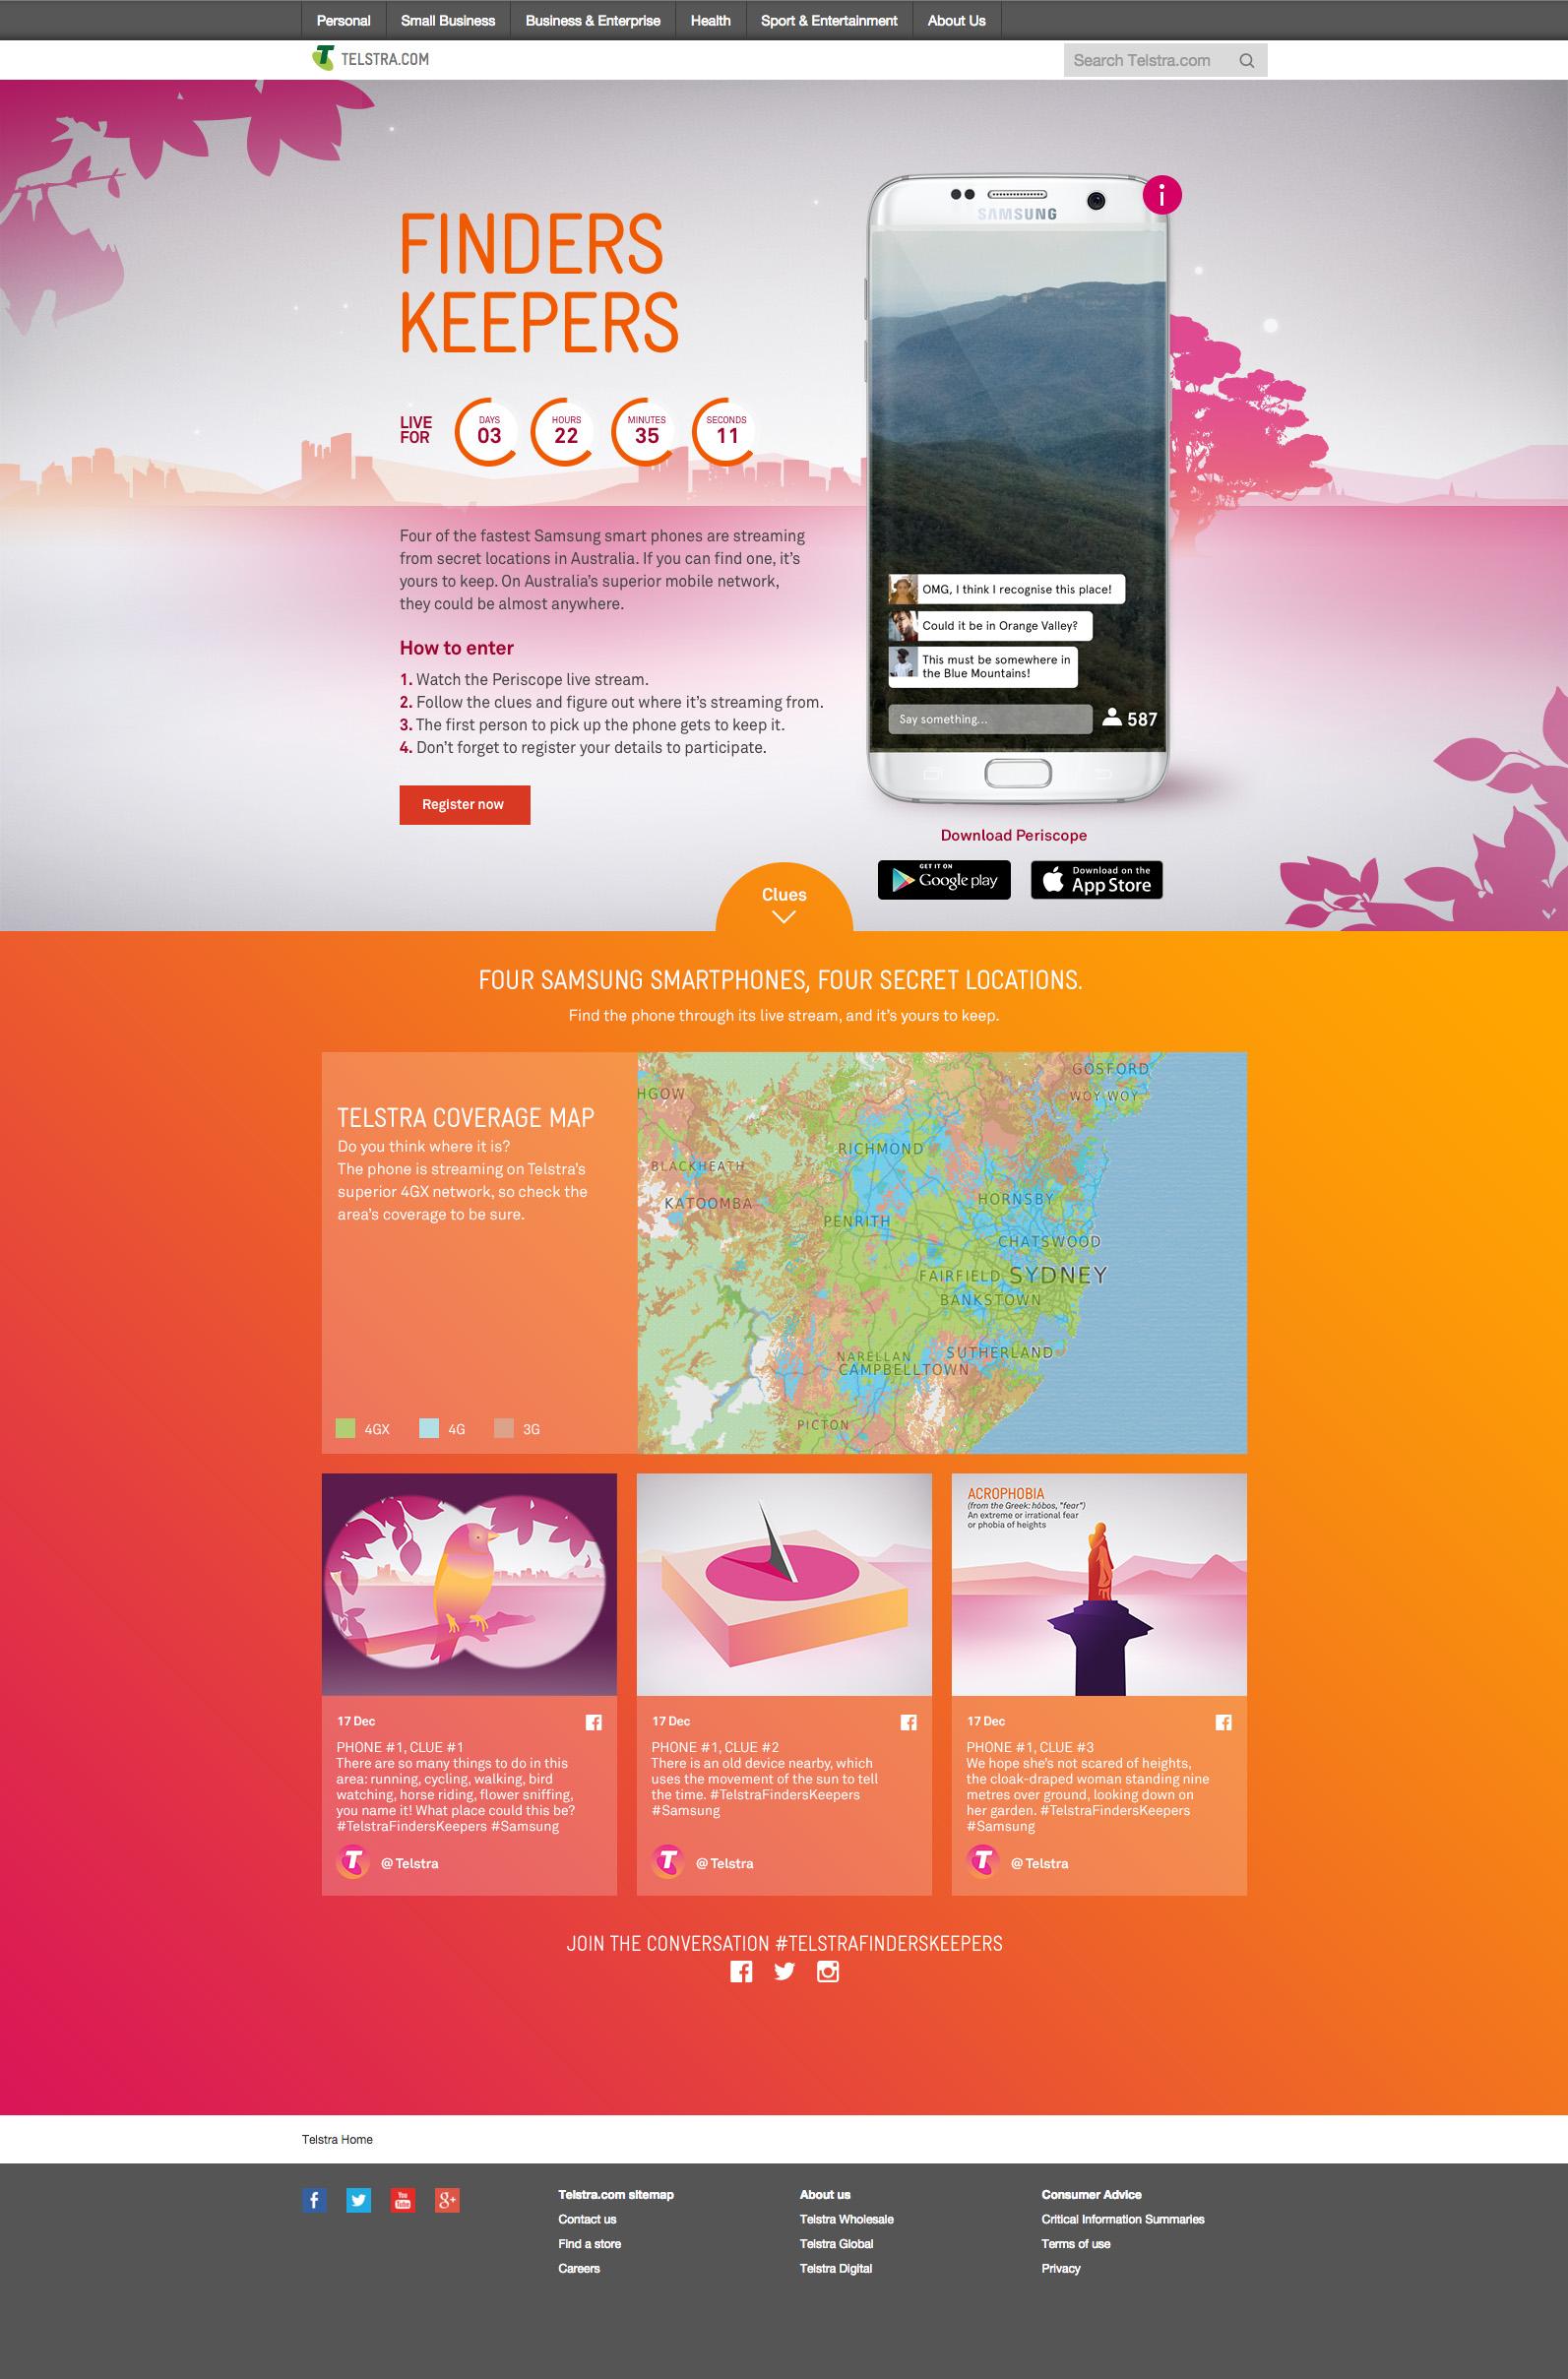 FINDERSKEEPERS_homepage_005.jpg